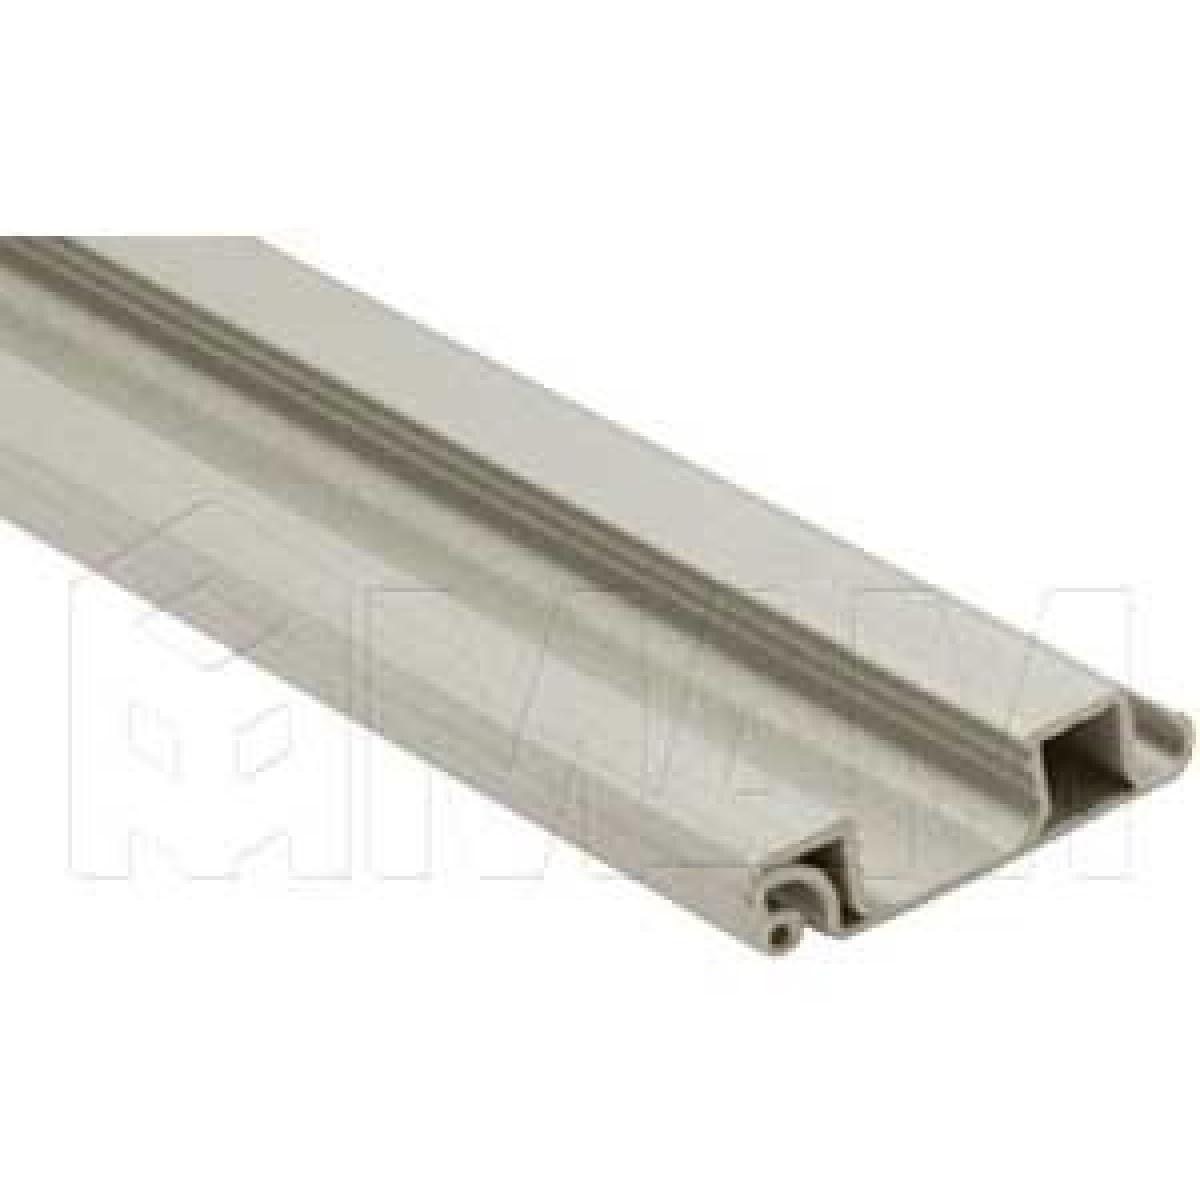 3663 ручка-прорезь, платина, L-2600